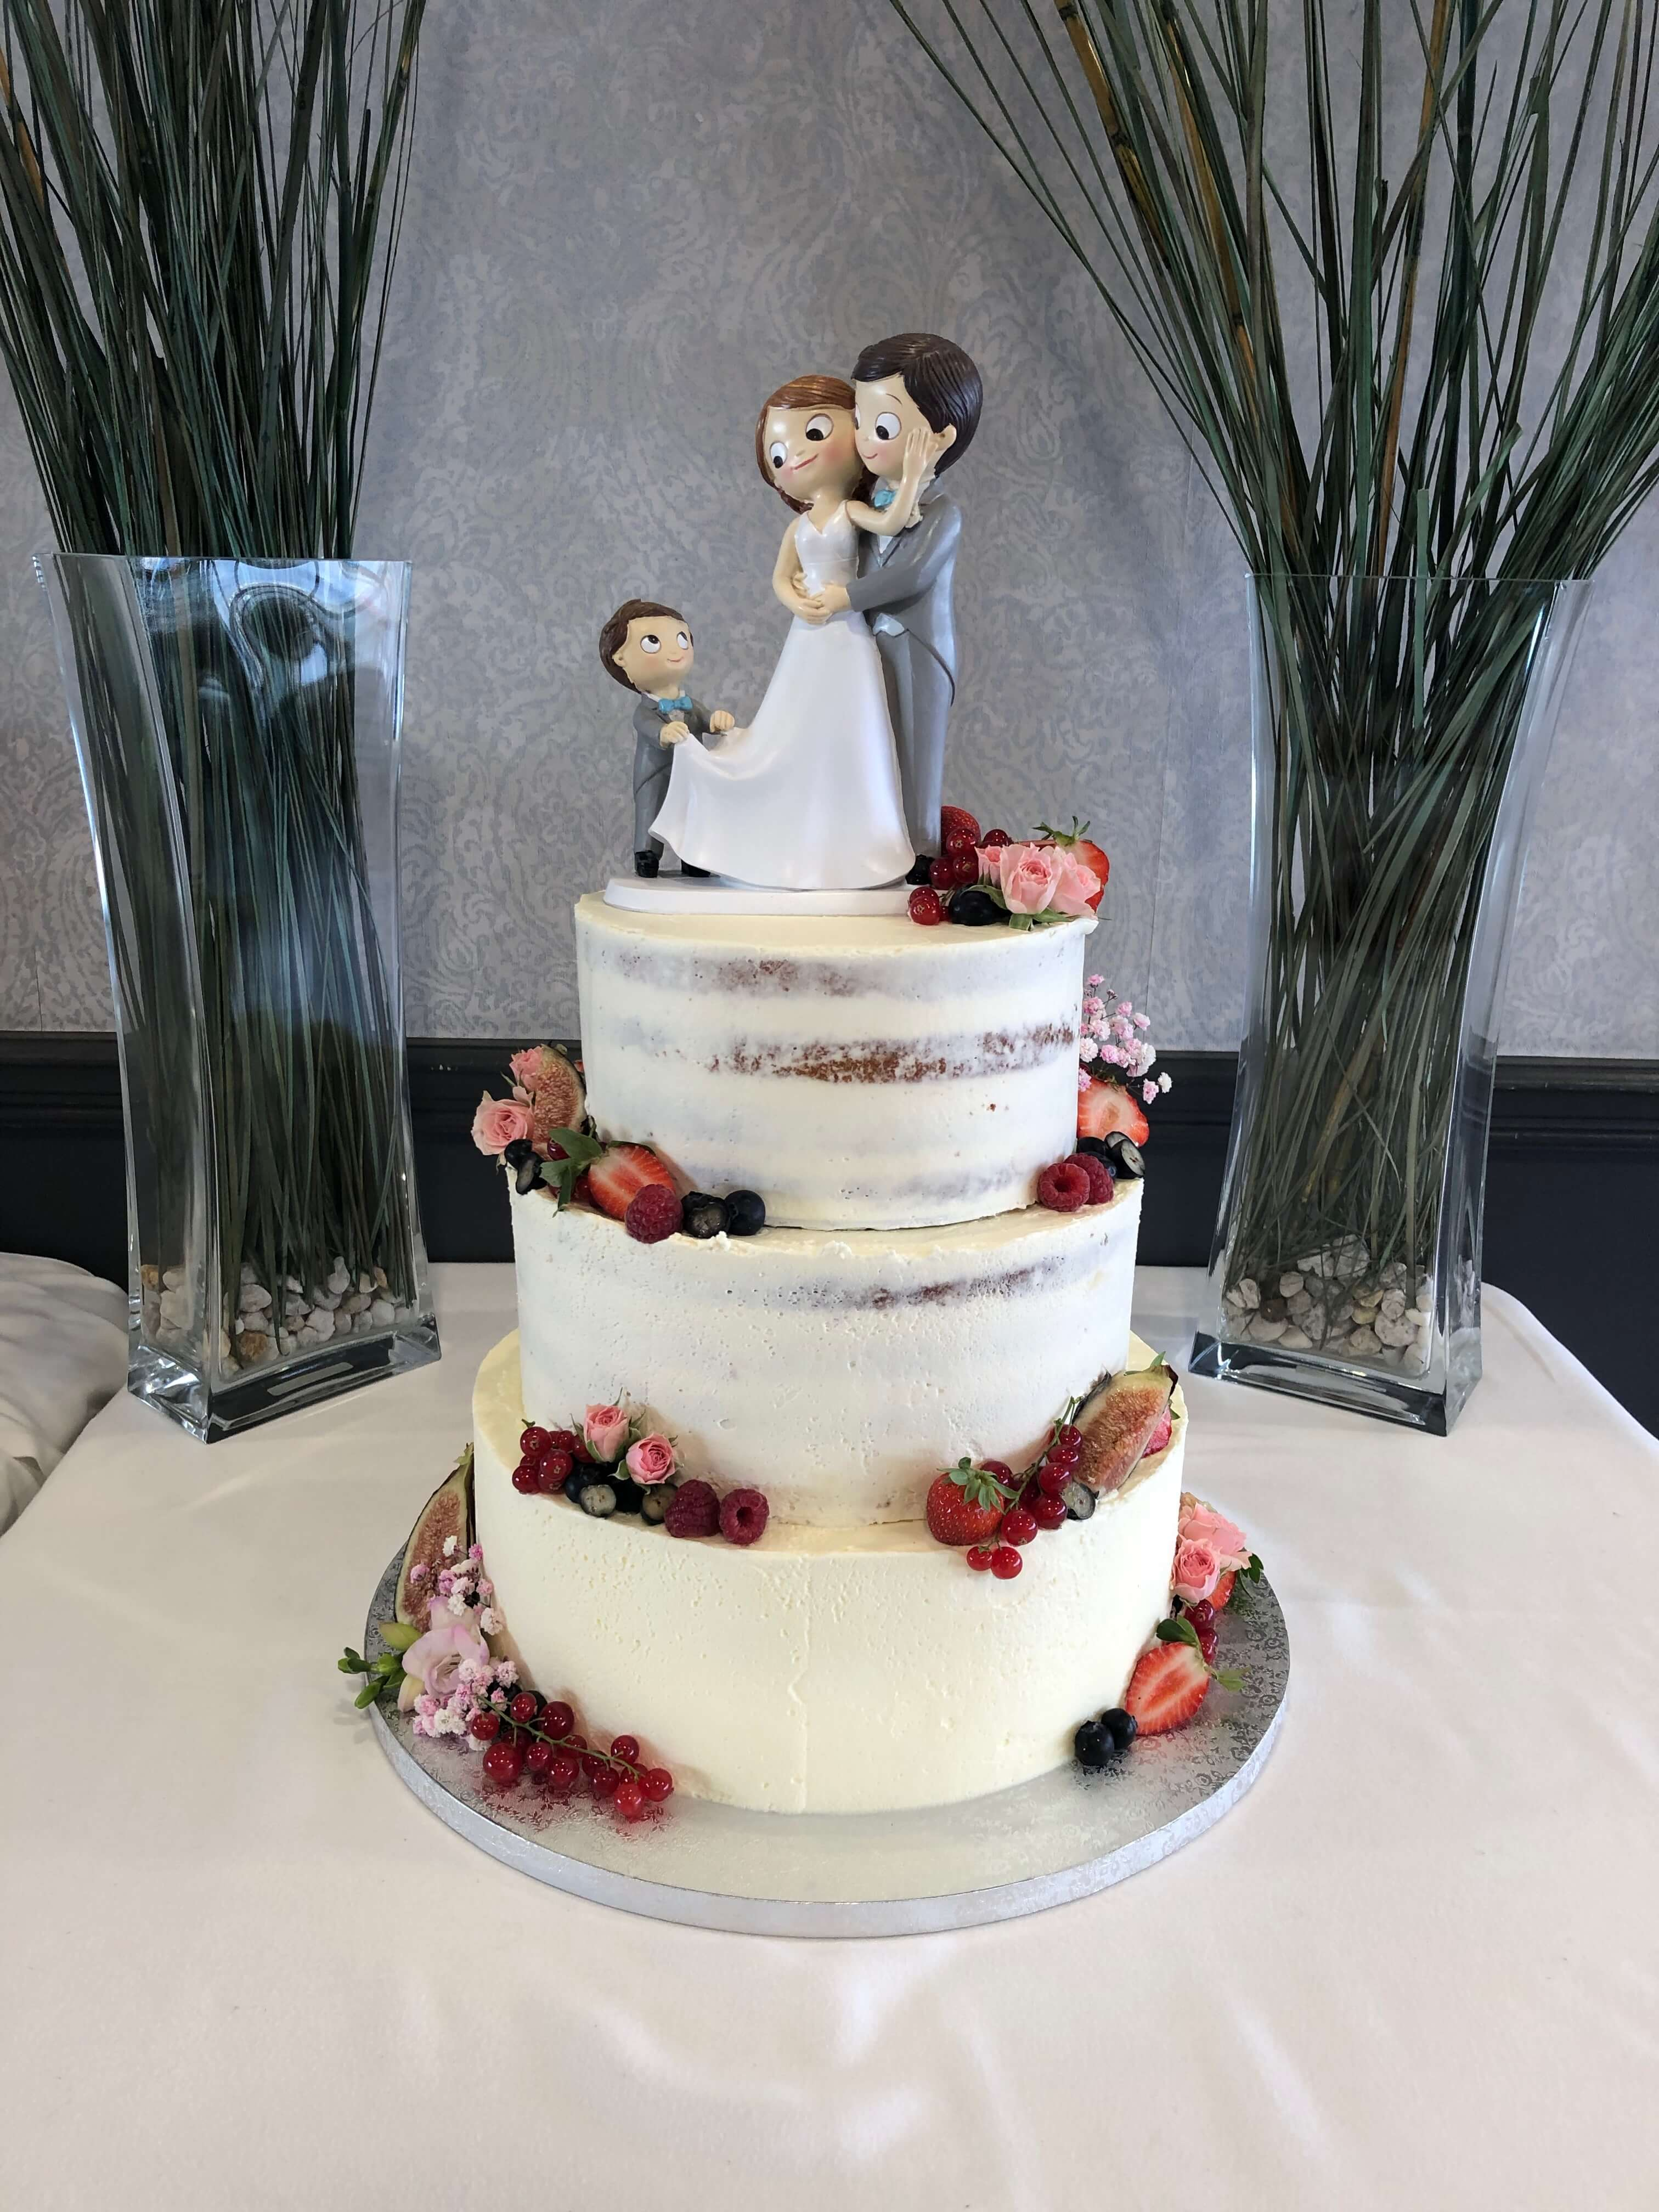 Tarta boda  boda coruña naked cake tarta boda desnuda coruña tarta boda